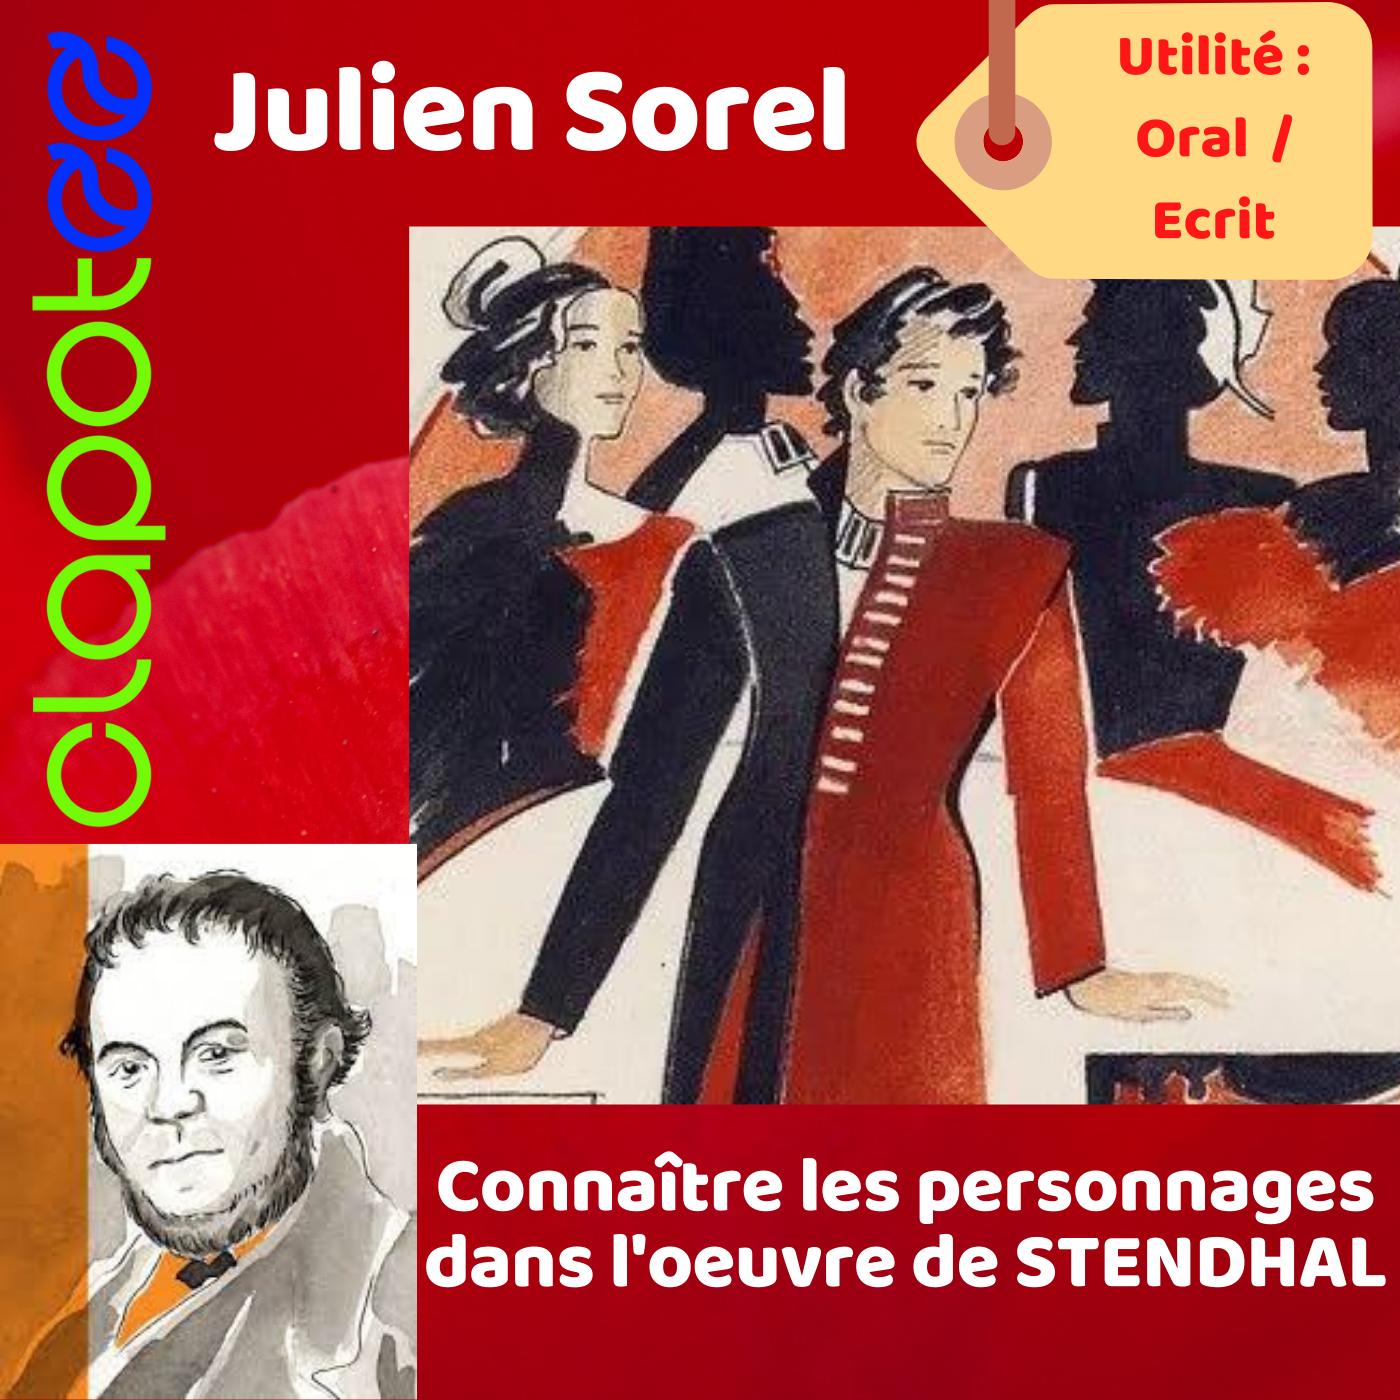 Julien SOREL, le héros de l'oeuvre de STENDHAL